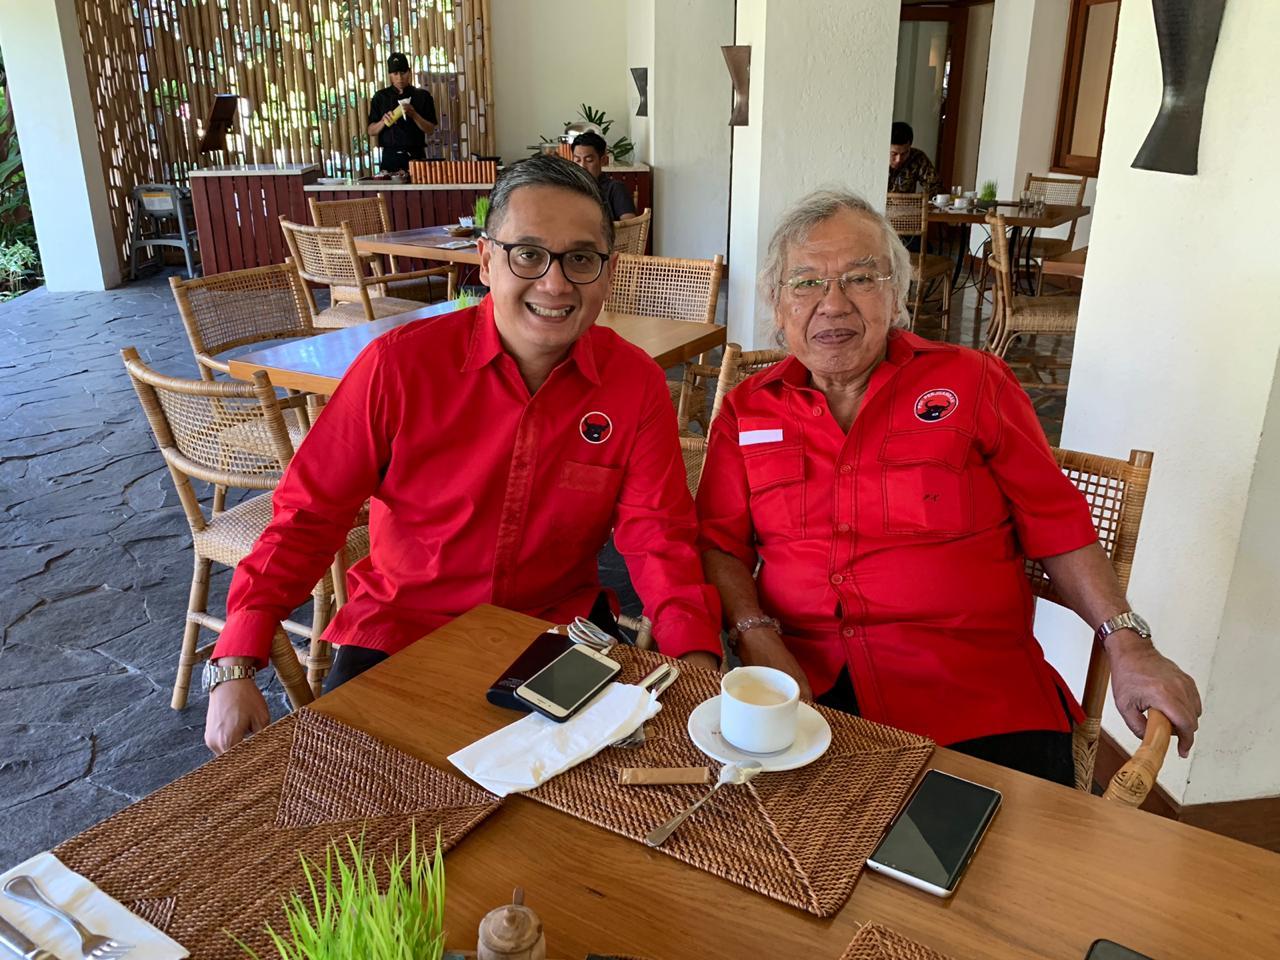 Kenapa Tetap Megawati? Ini Penjelasan Putra Nababan